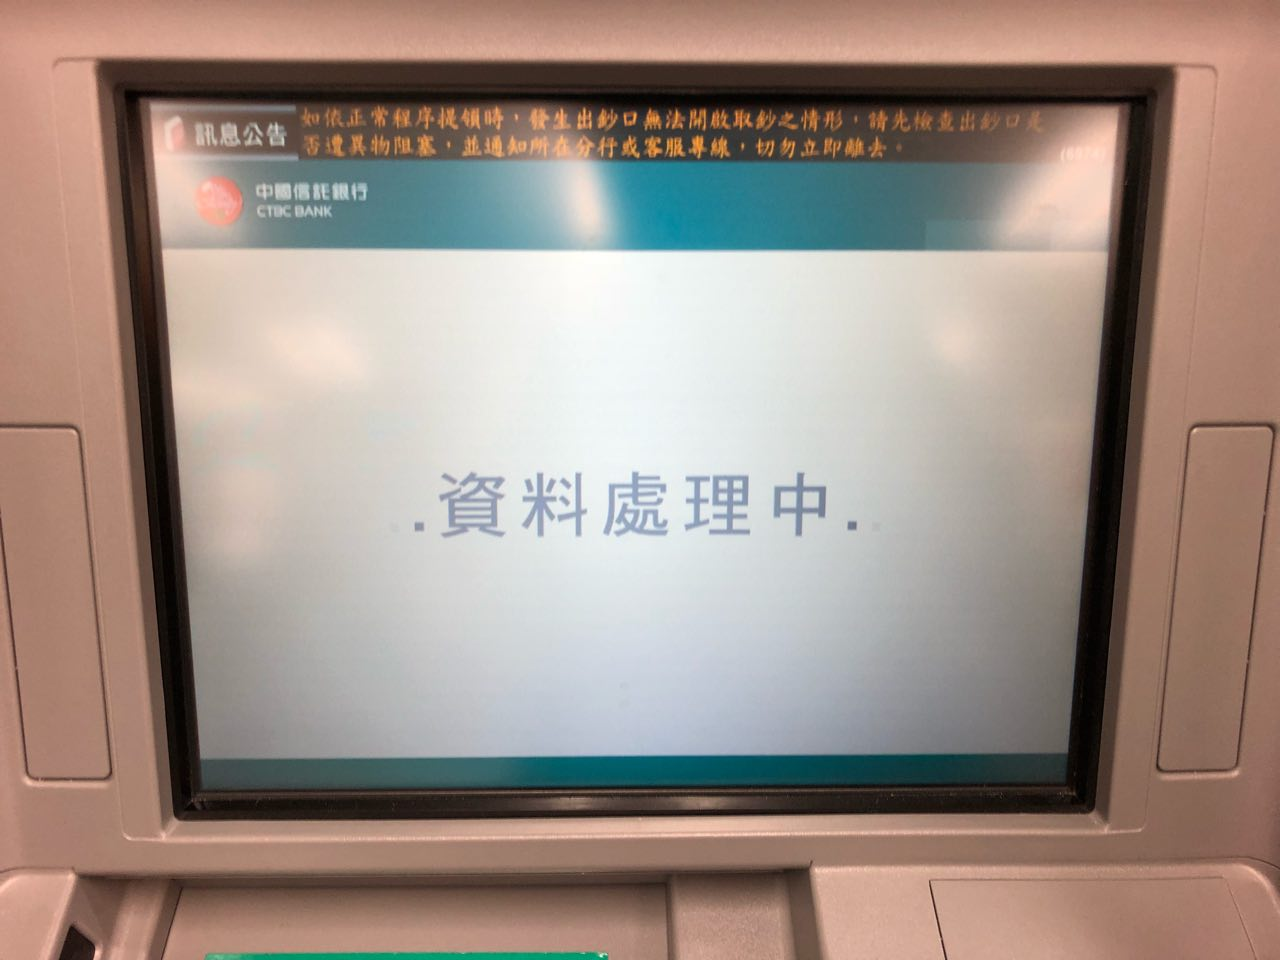 セブンイレブンの中国信託銀行のATM